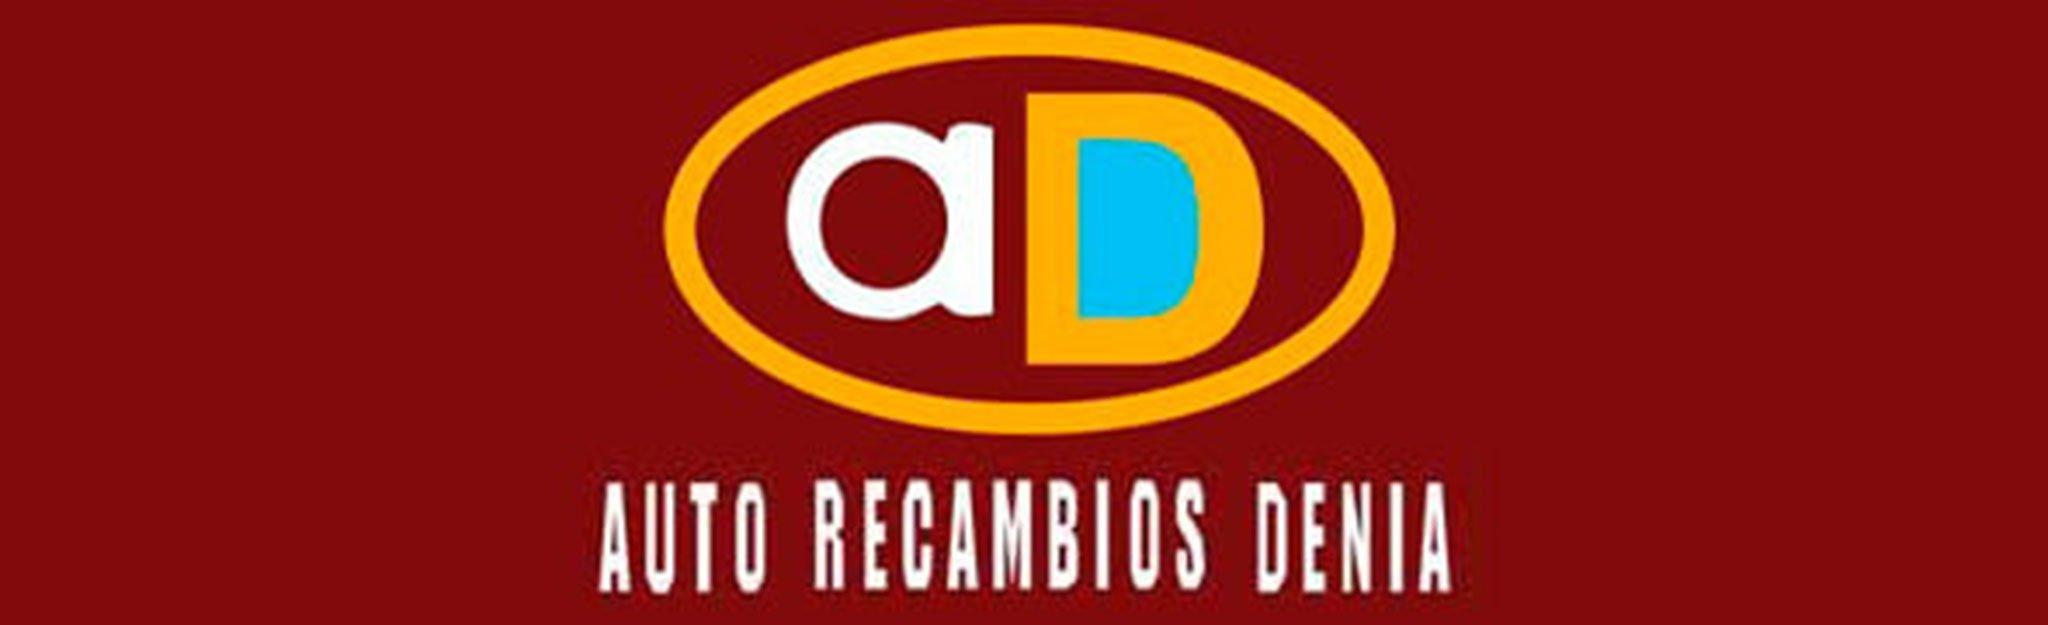 Logo de pièces détachées automobiles Denia